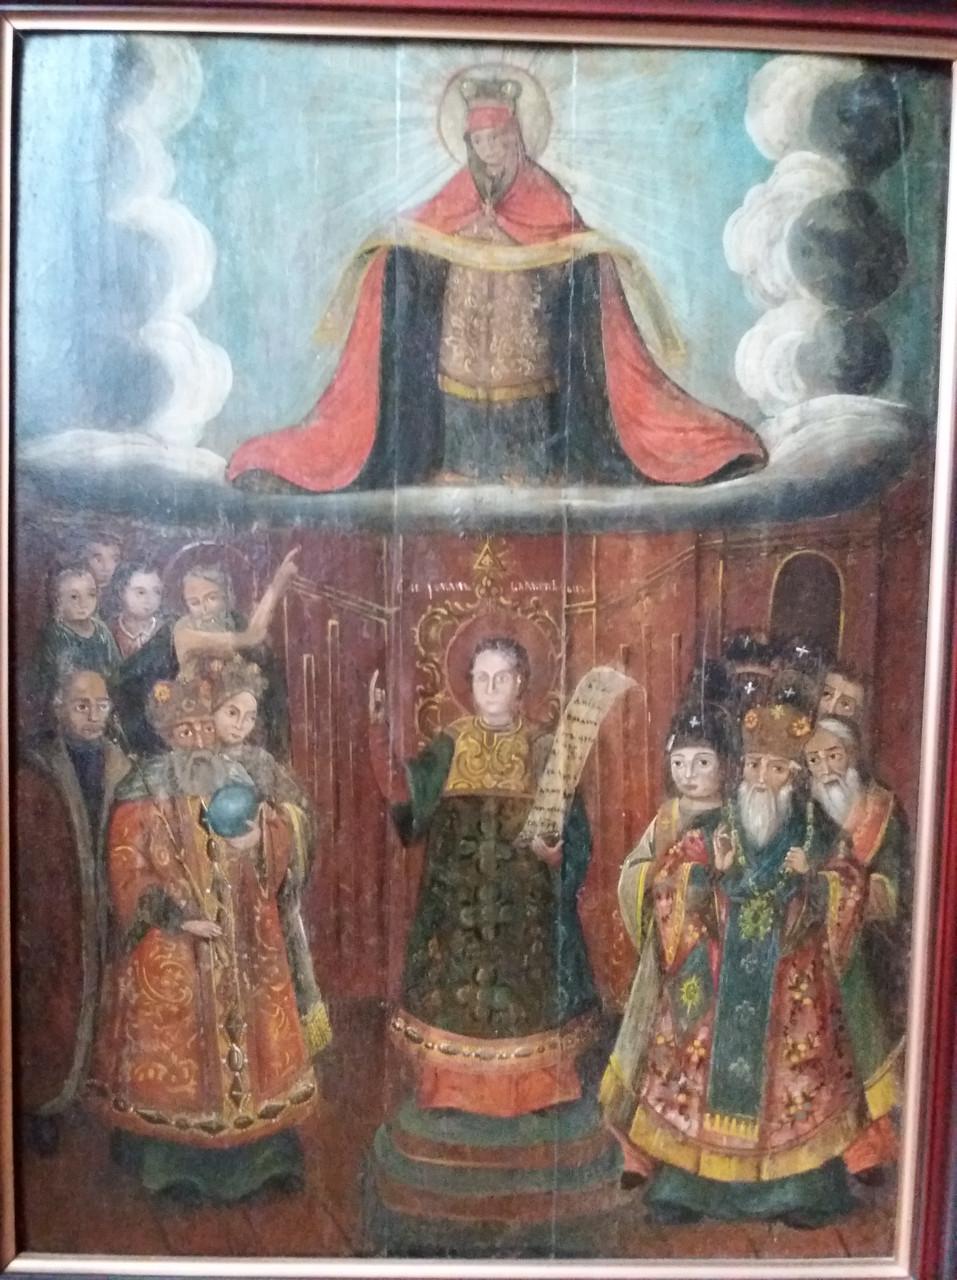 Козацкая икона Покрова Пресвятой Богородицы 18 век (Козацька ікона Покрова Пресвятої Богородиці)